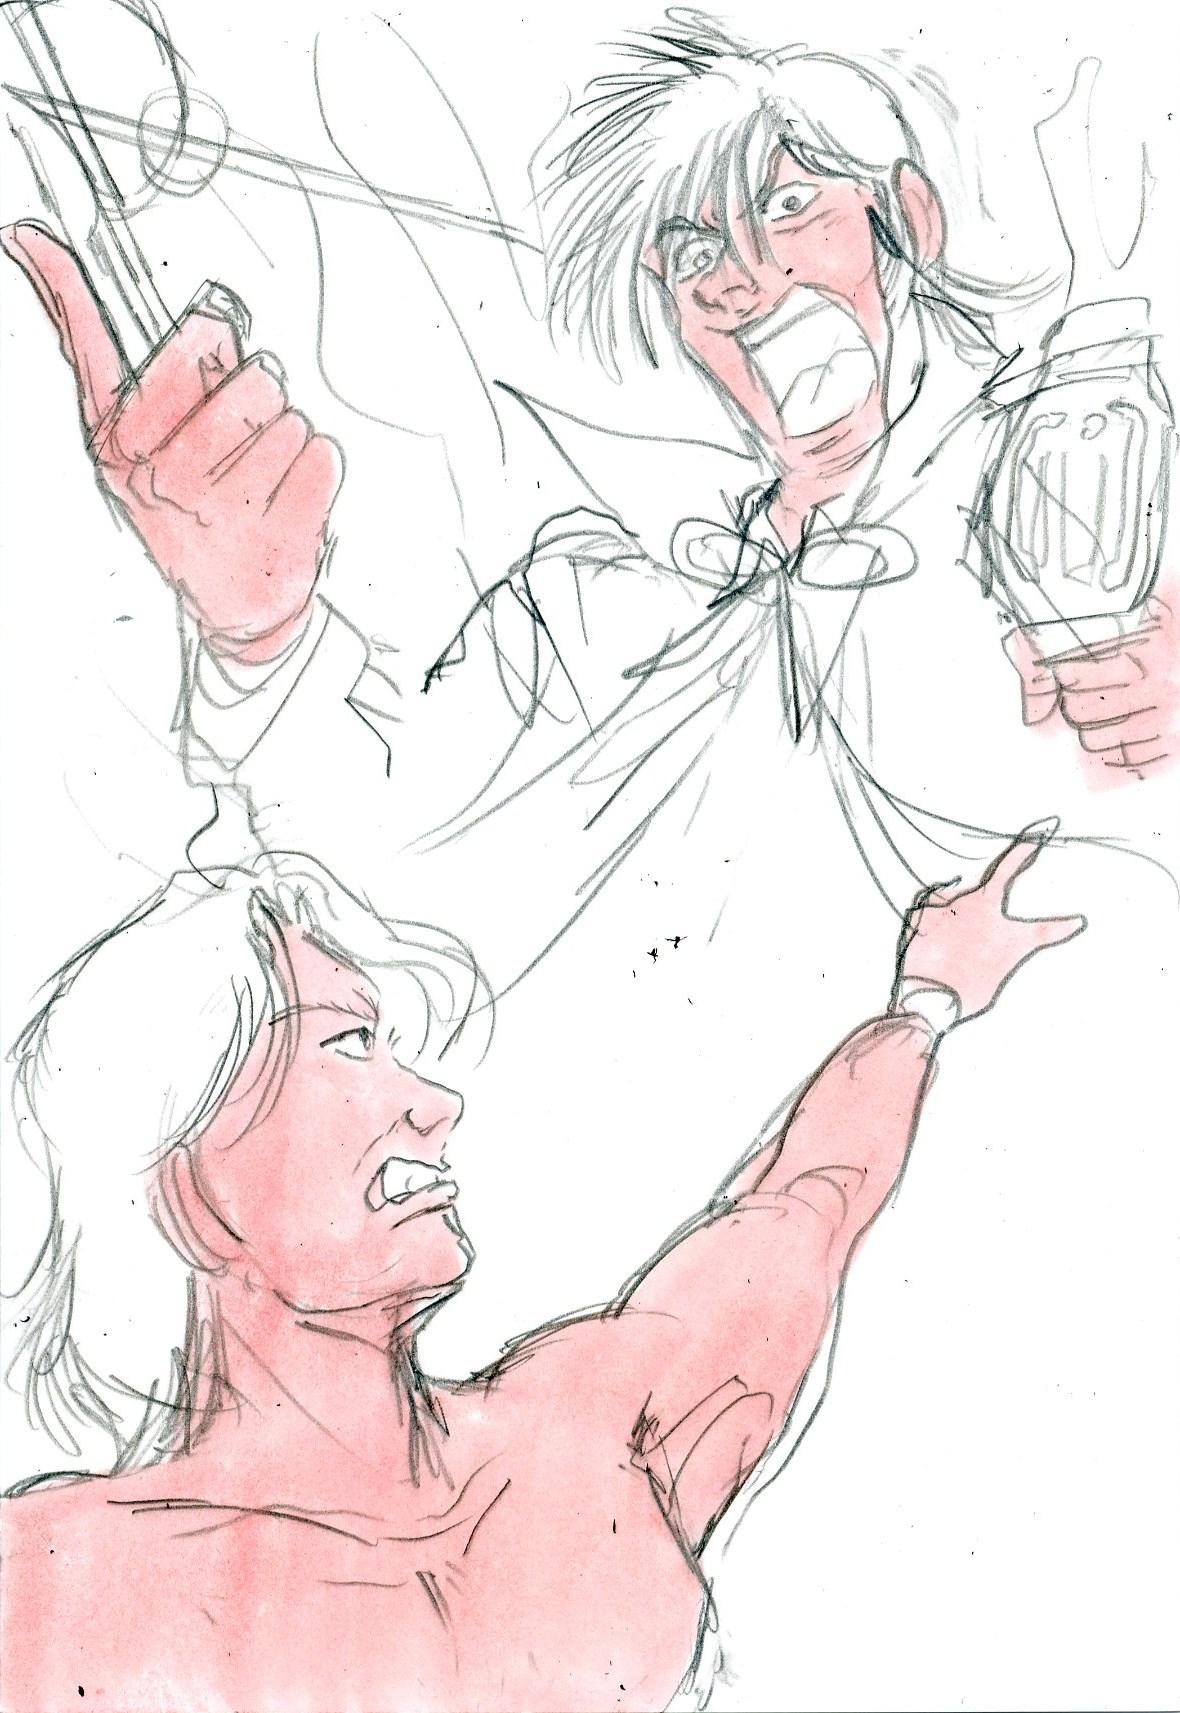 プロレス的イラスト.ジョーカー